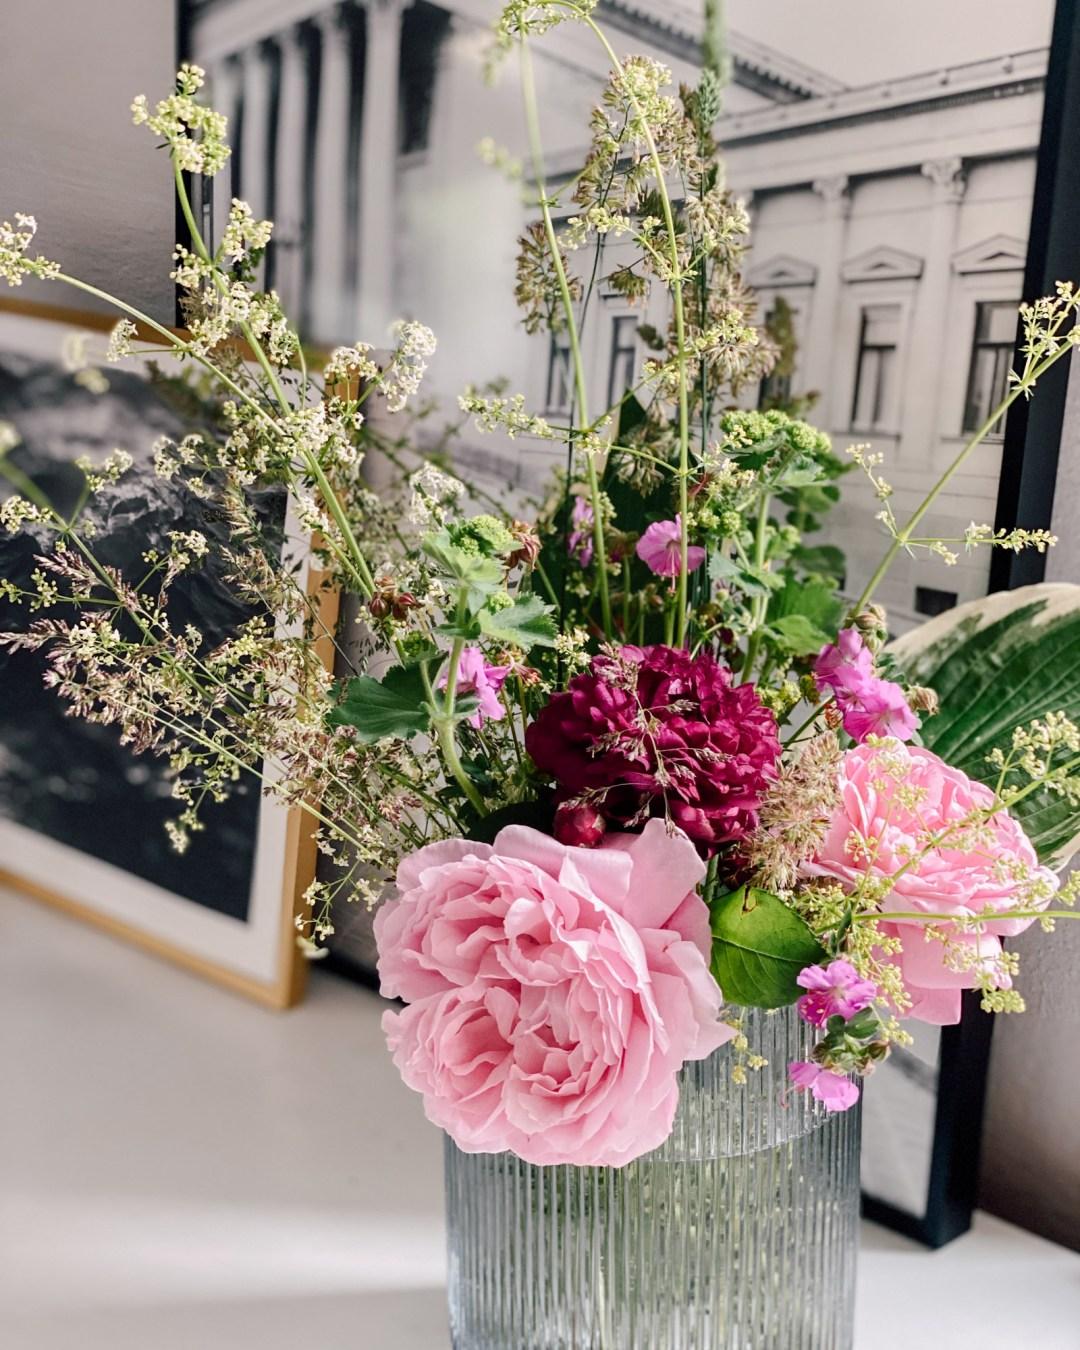 Inastil, Blumenliebe, Blumenstrauß, Dekoration, Blumendekoration, DIY, Gartenblumen, Rosen, Wiesenblumen, Blumenvasen, Homedecor, Dekoration Solebenwir, Daheim-29